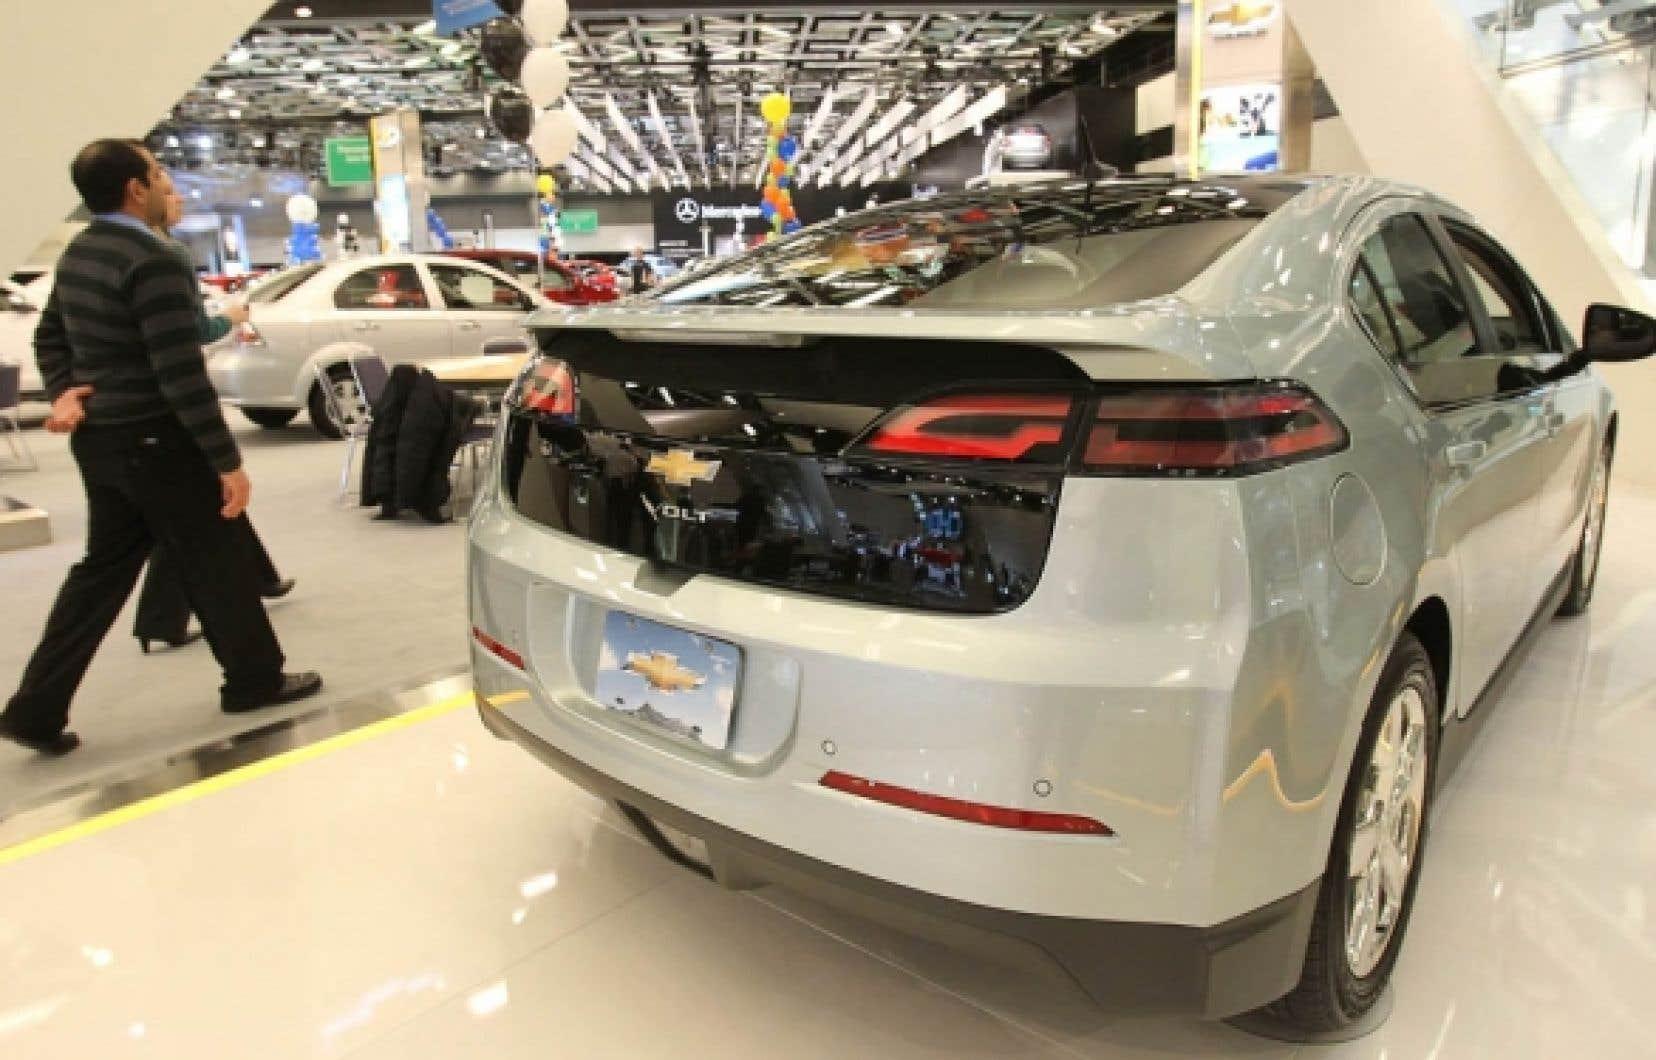 Le Salon de l'auto de Montréal présente la voiture électrique de Chevrolet, la Volt. <br />